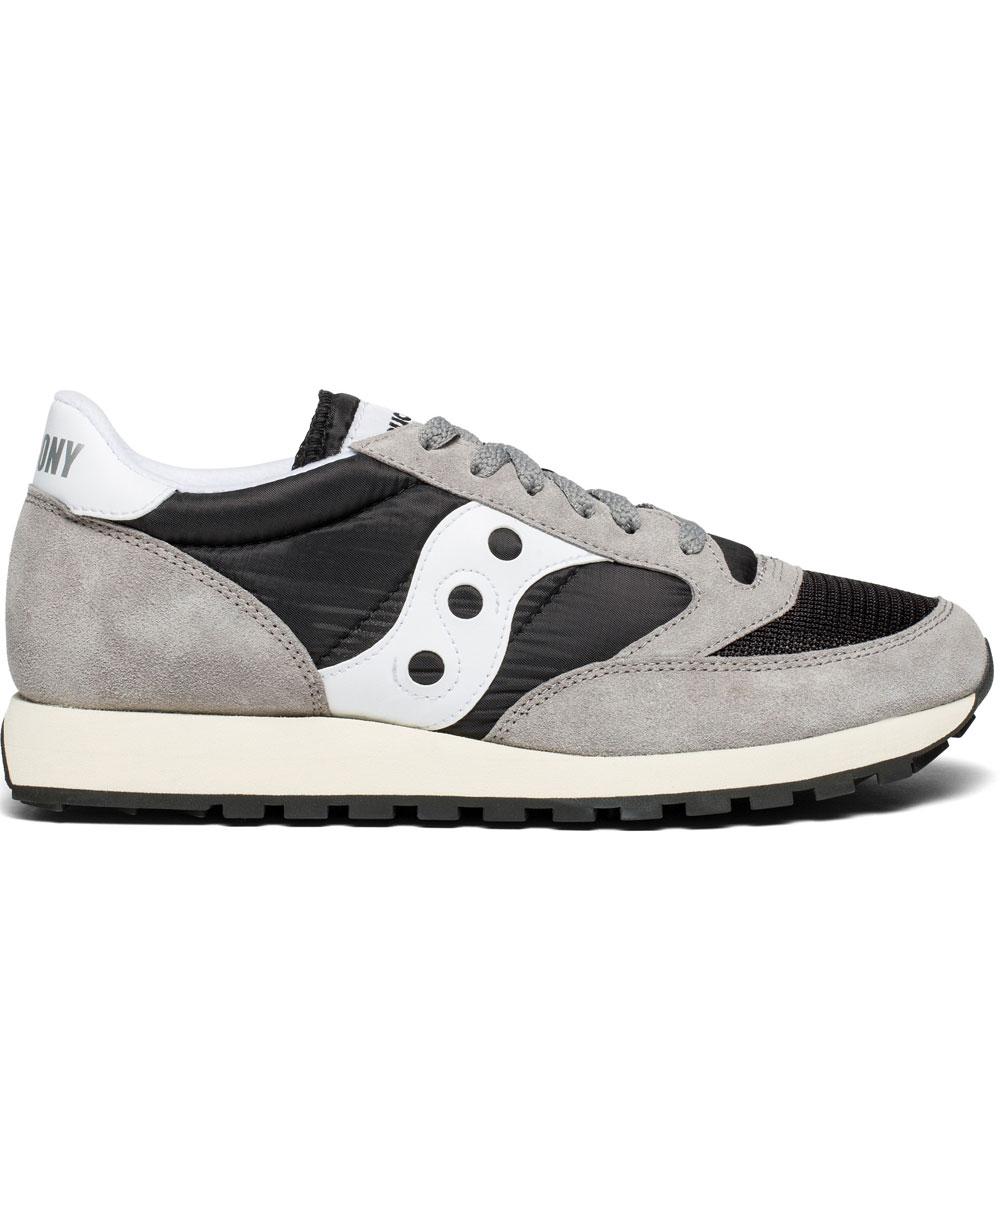 35e0f5f0 Saucony Jazz Original Vintage Zapatos Sneakers para Hombre Grey/Bla...